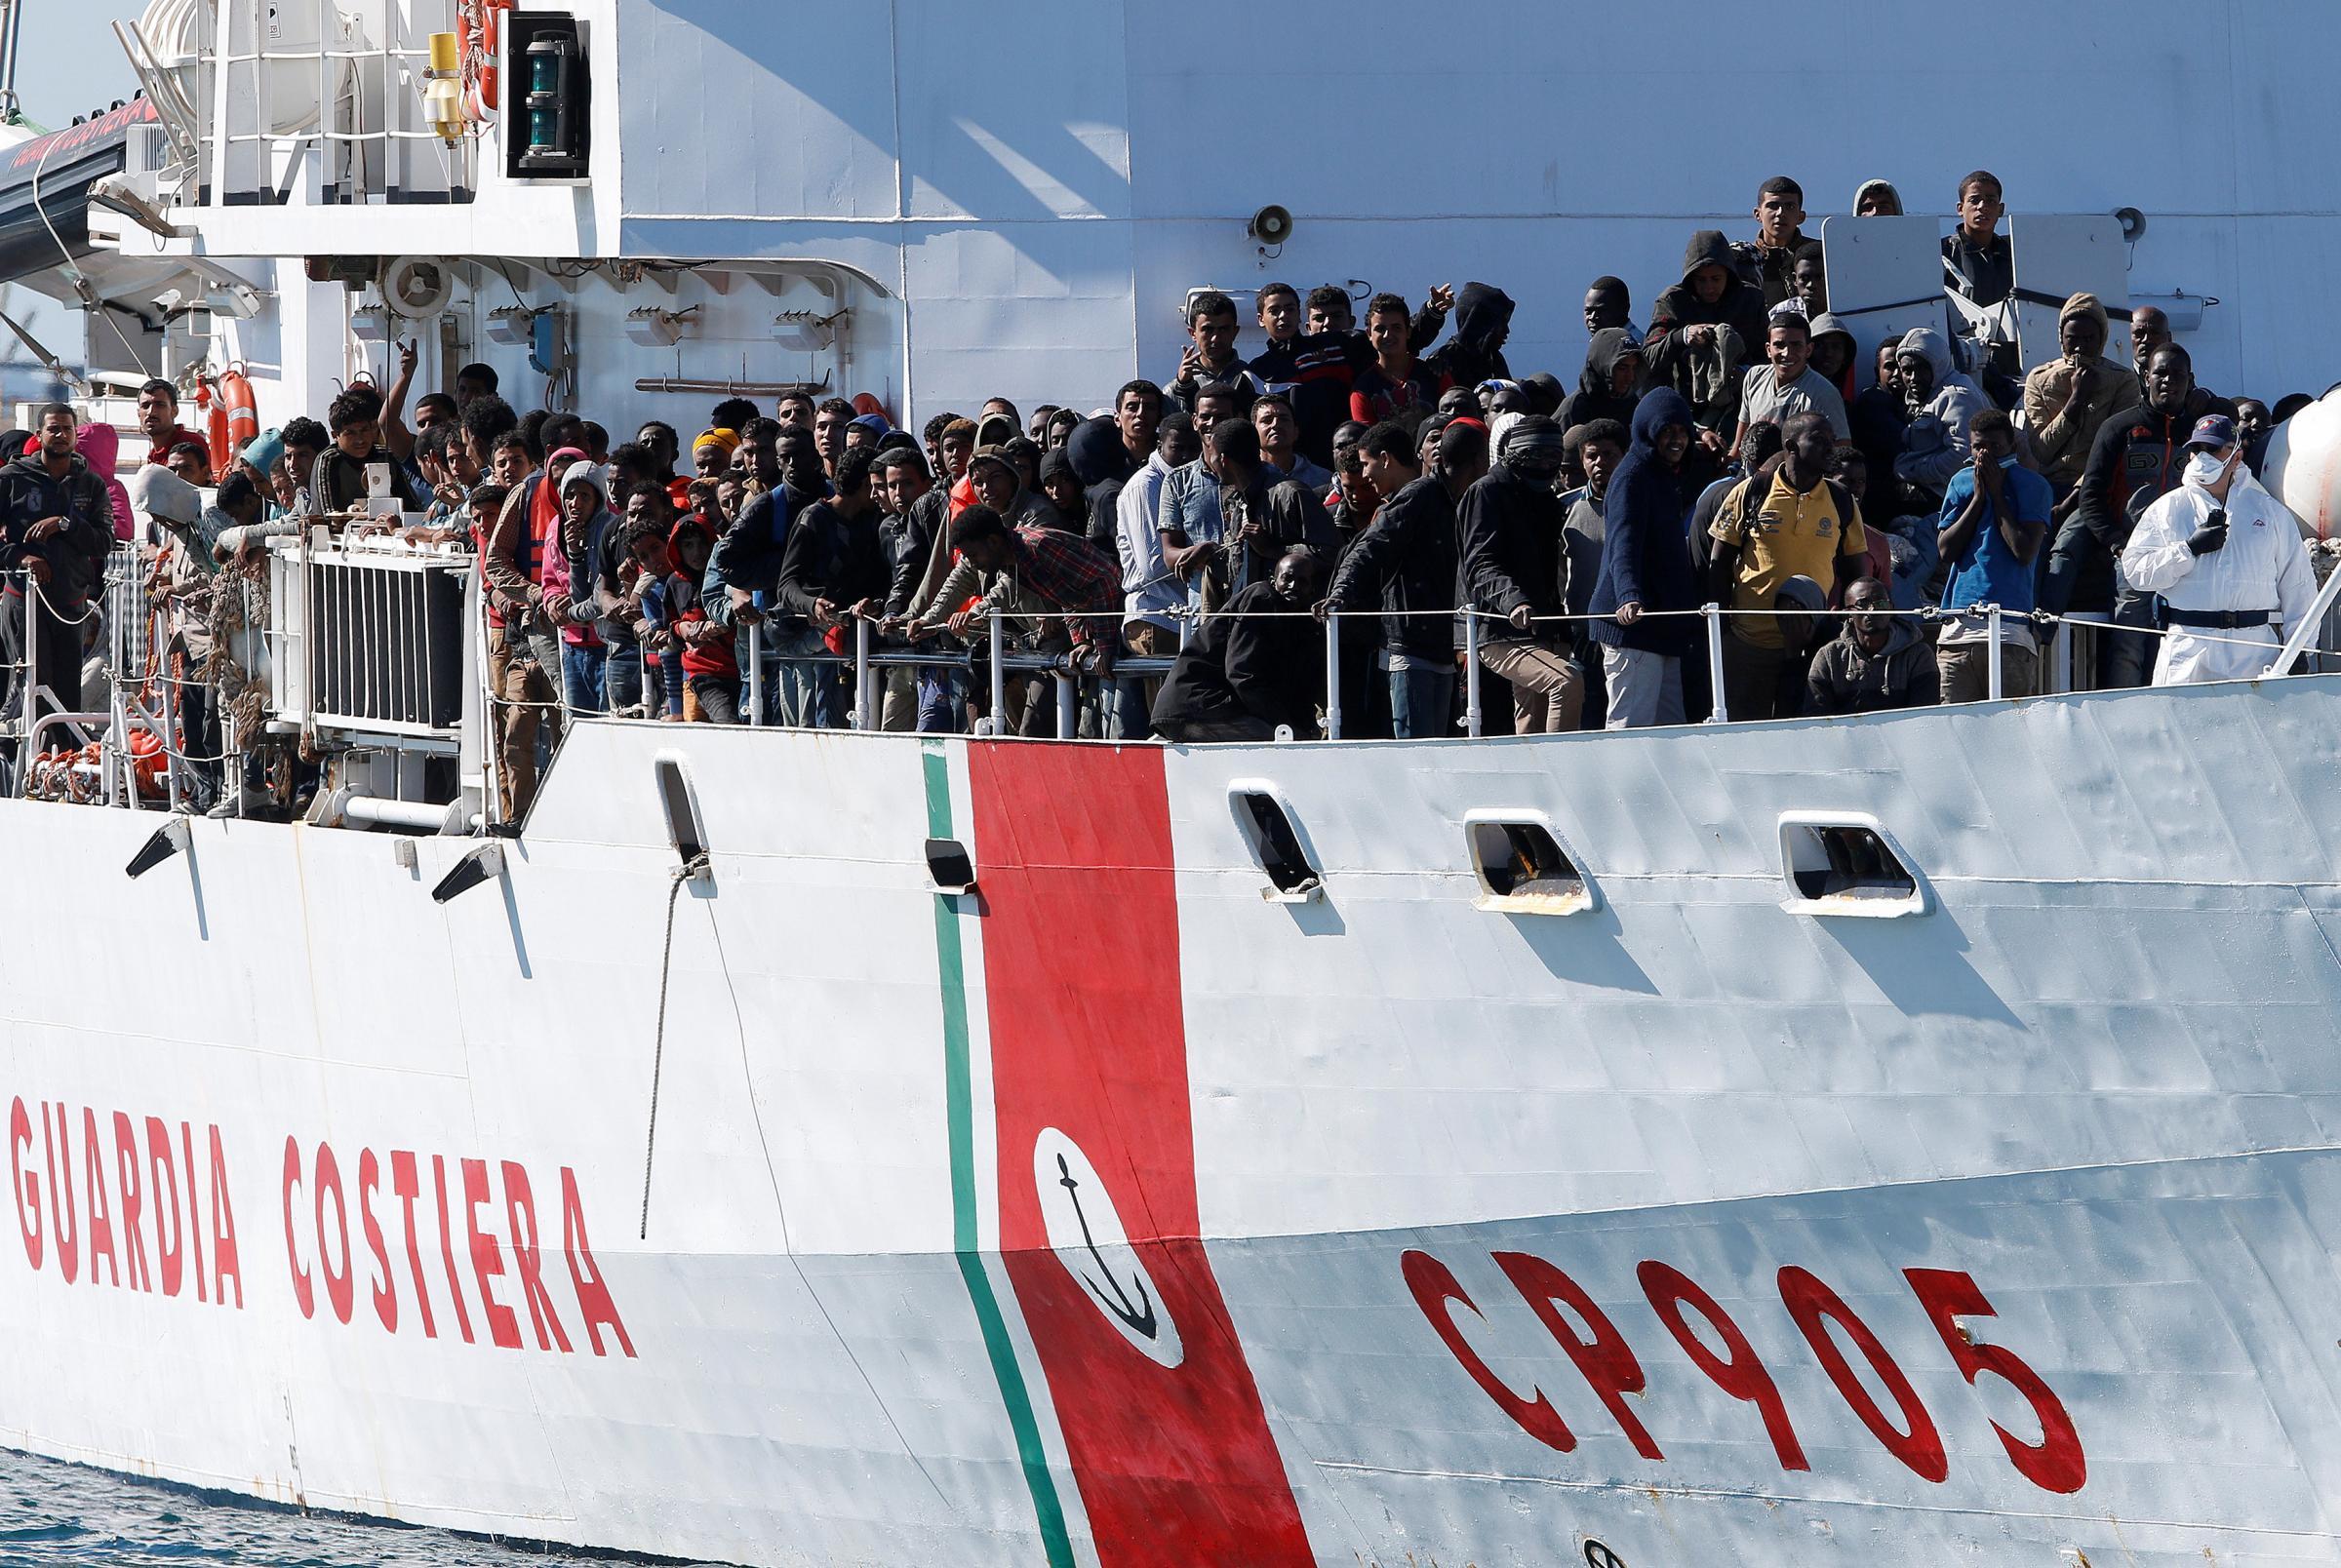 Emergenza Migranti: Convocati dal prefetto i Sindaci di Capri e Anacapri